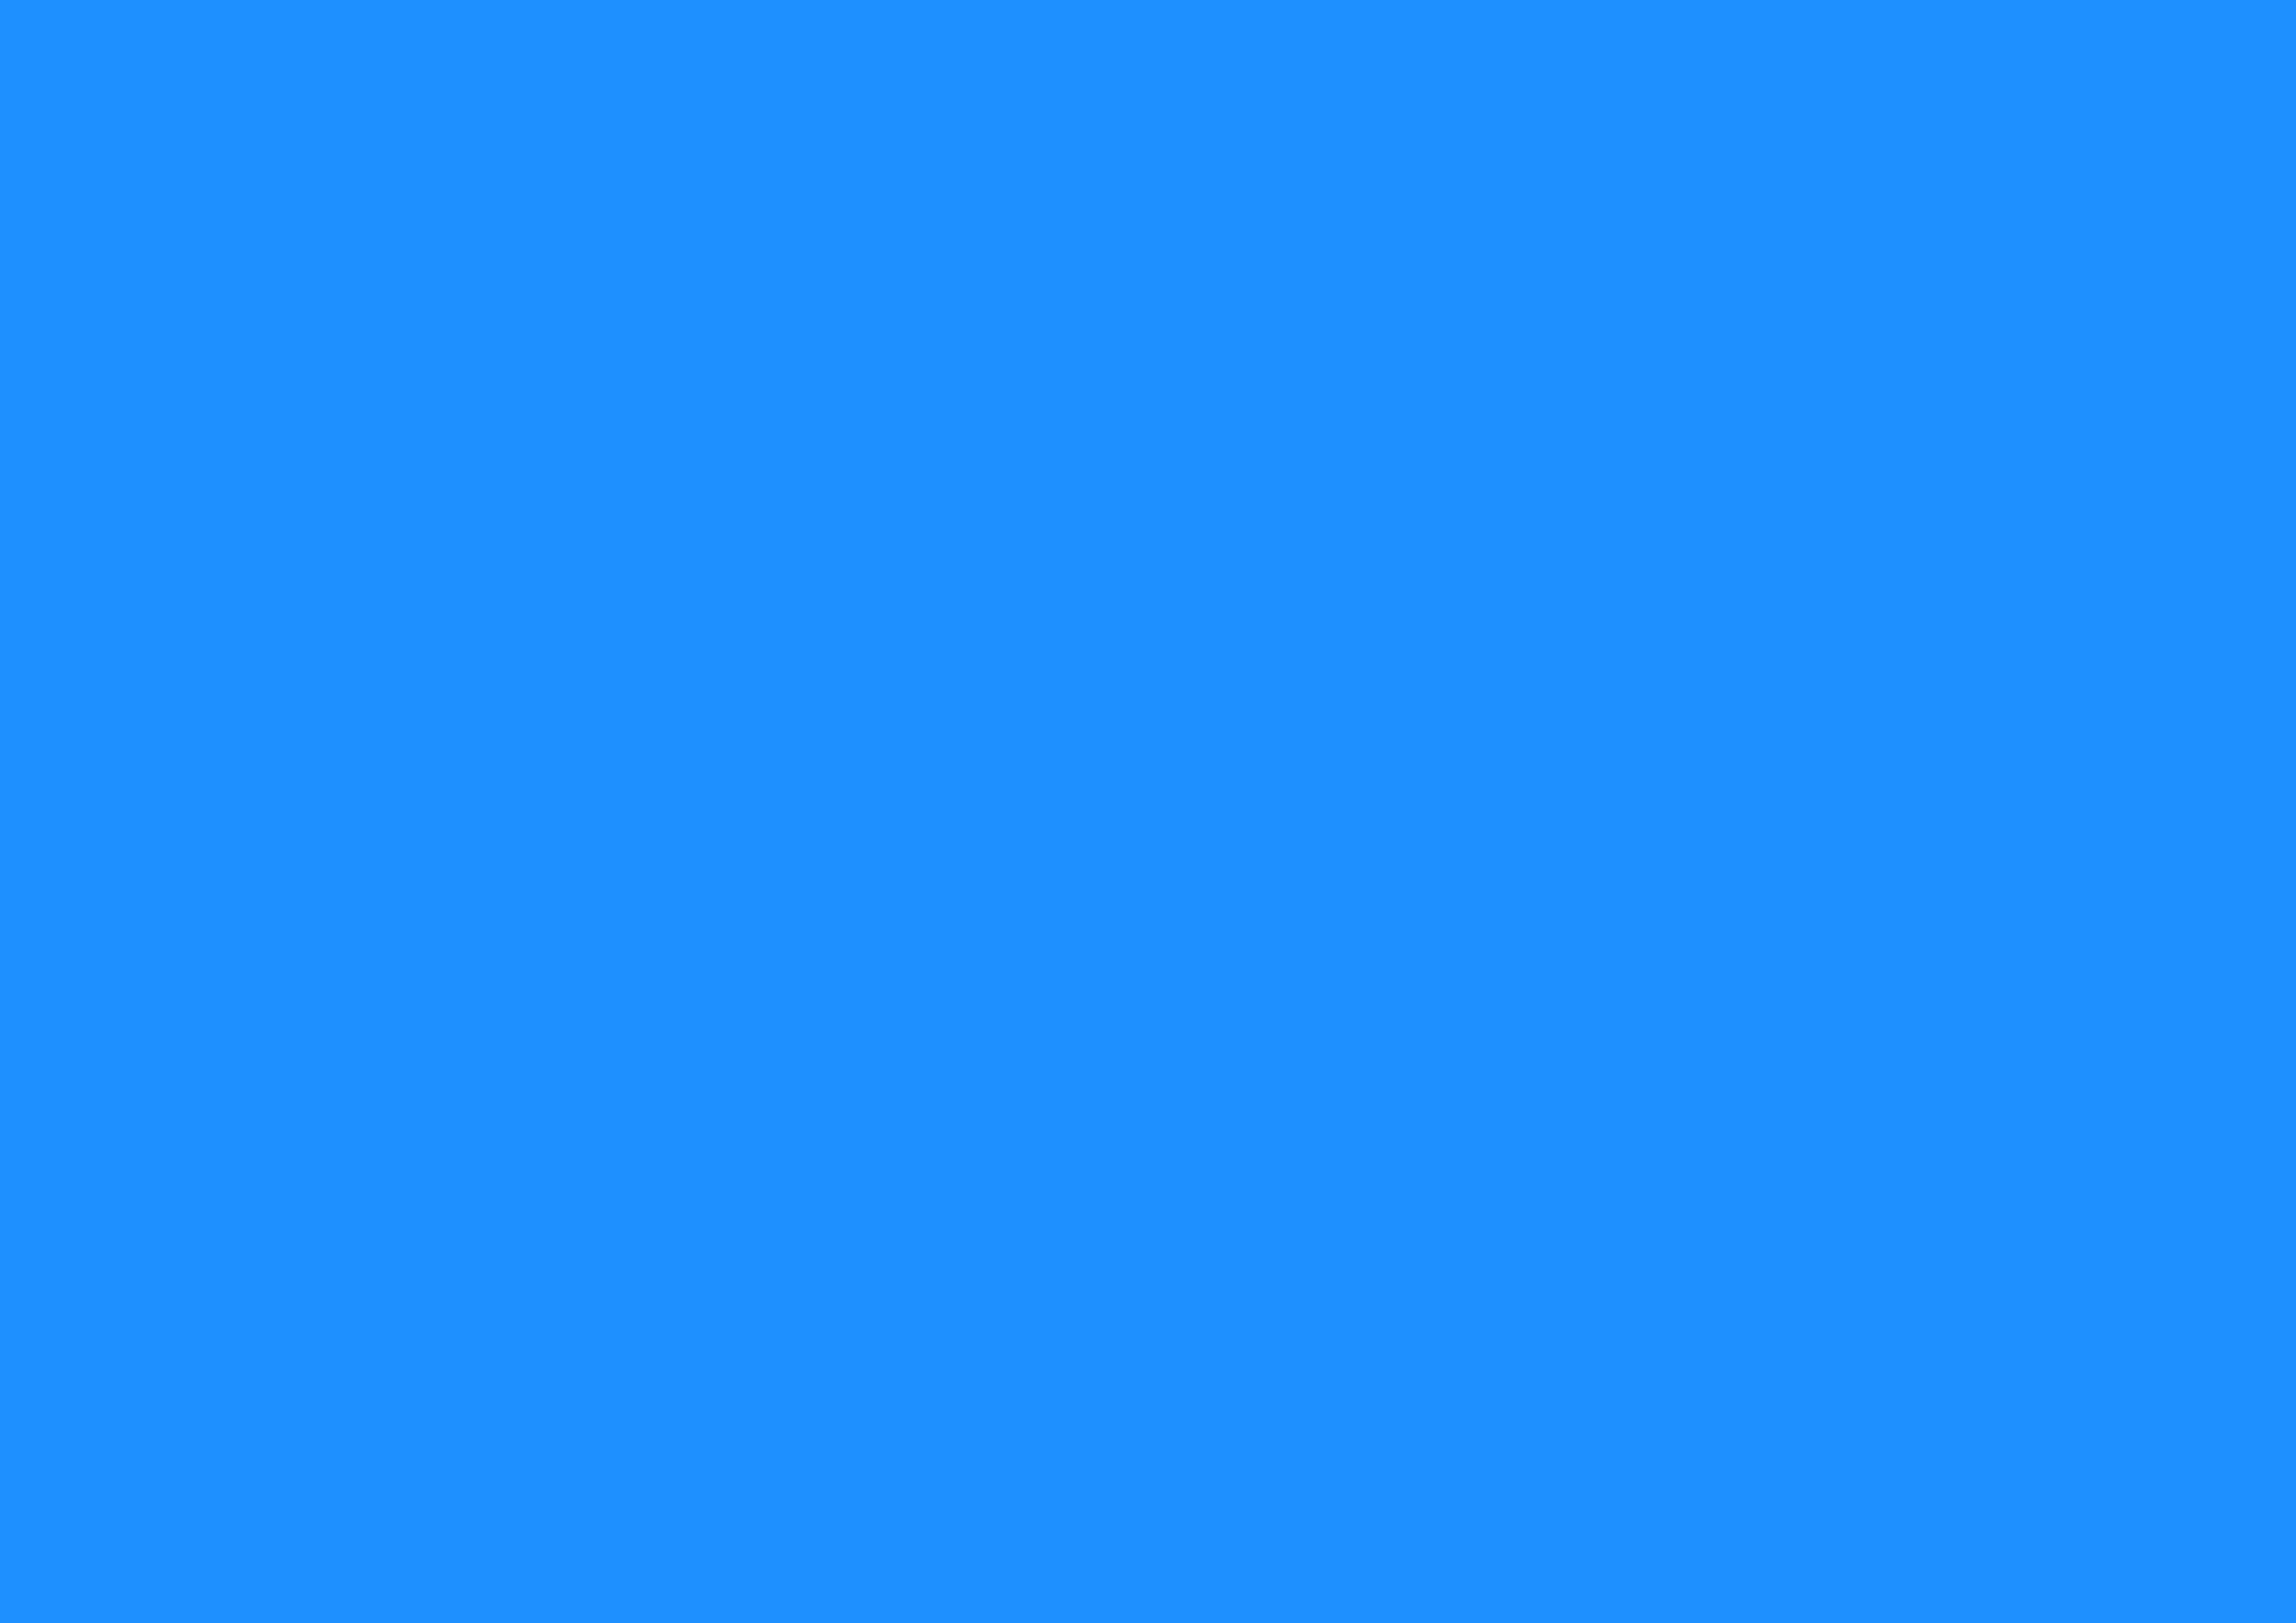 3508x2480 Dodger Blue Solid Color Background